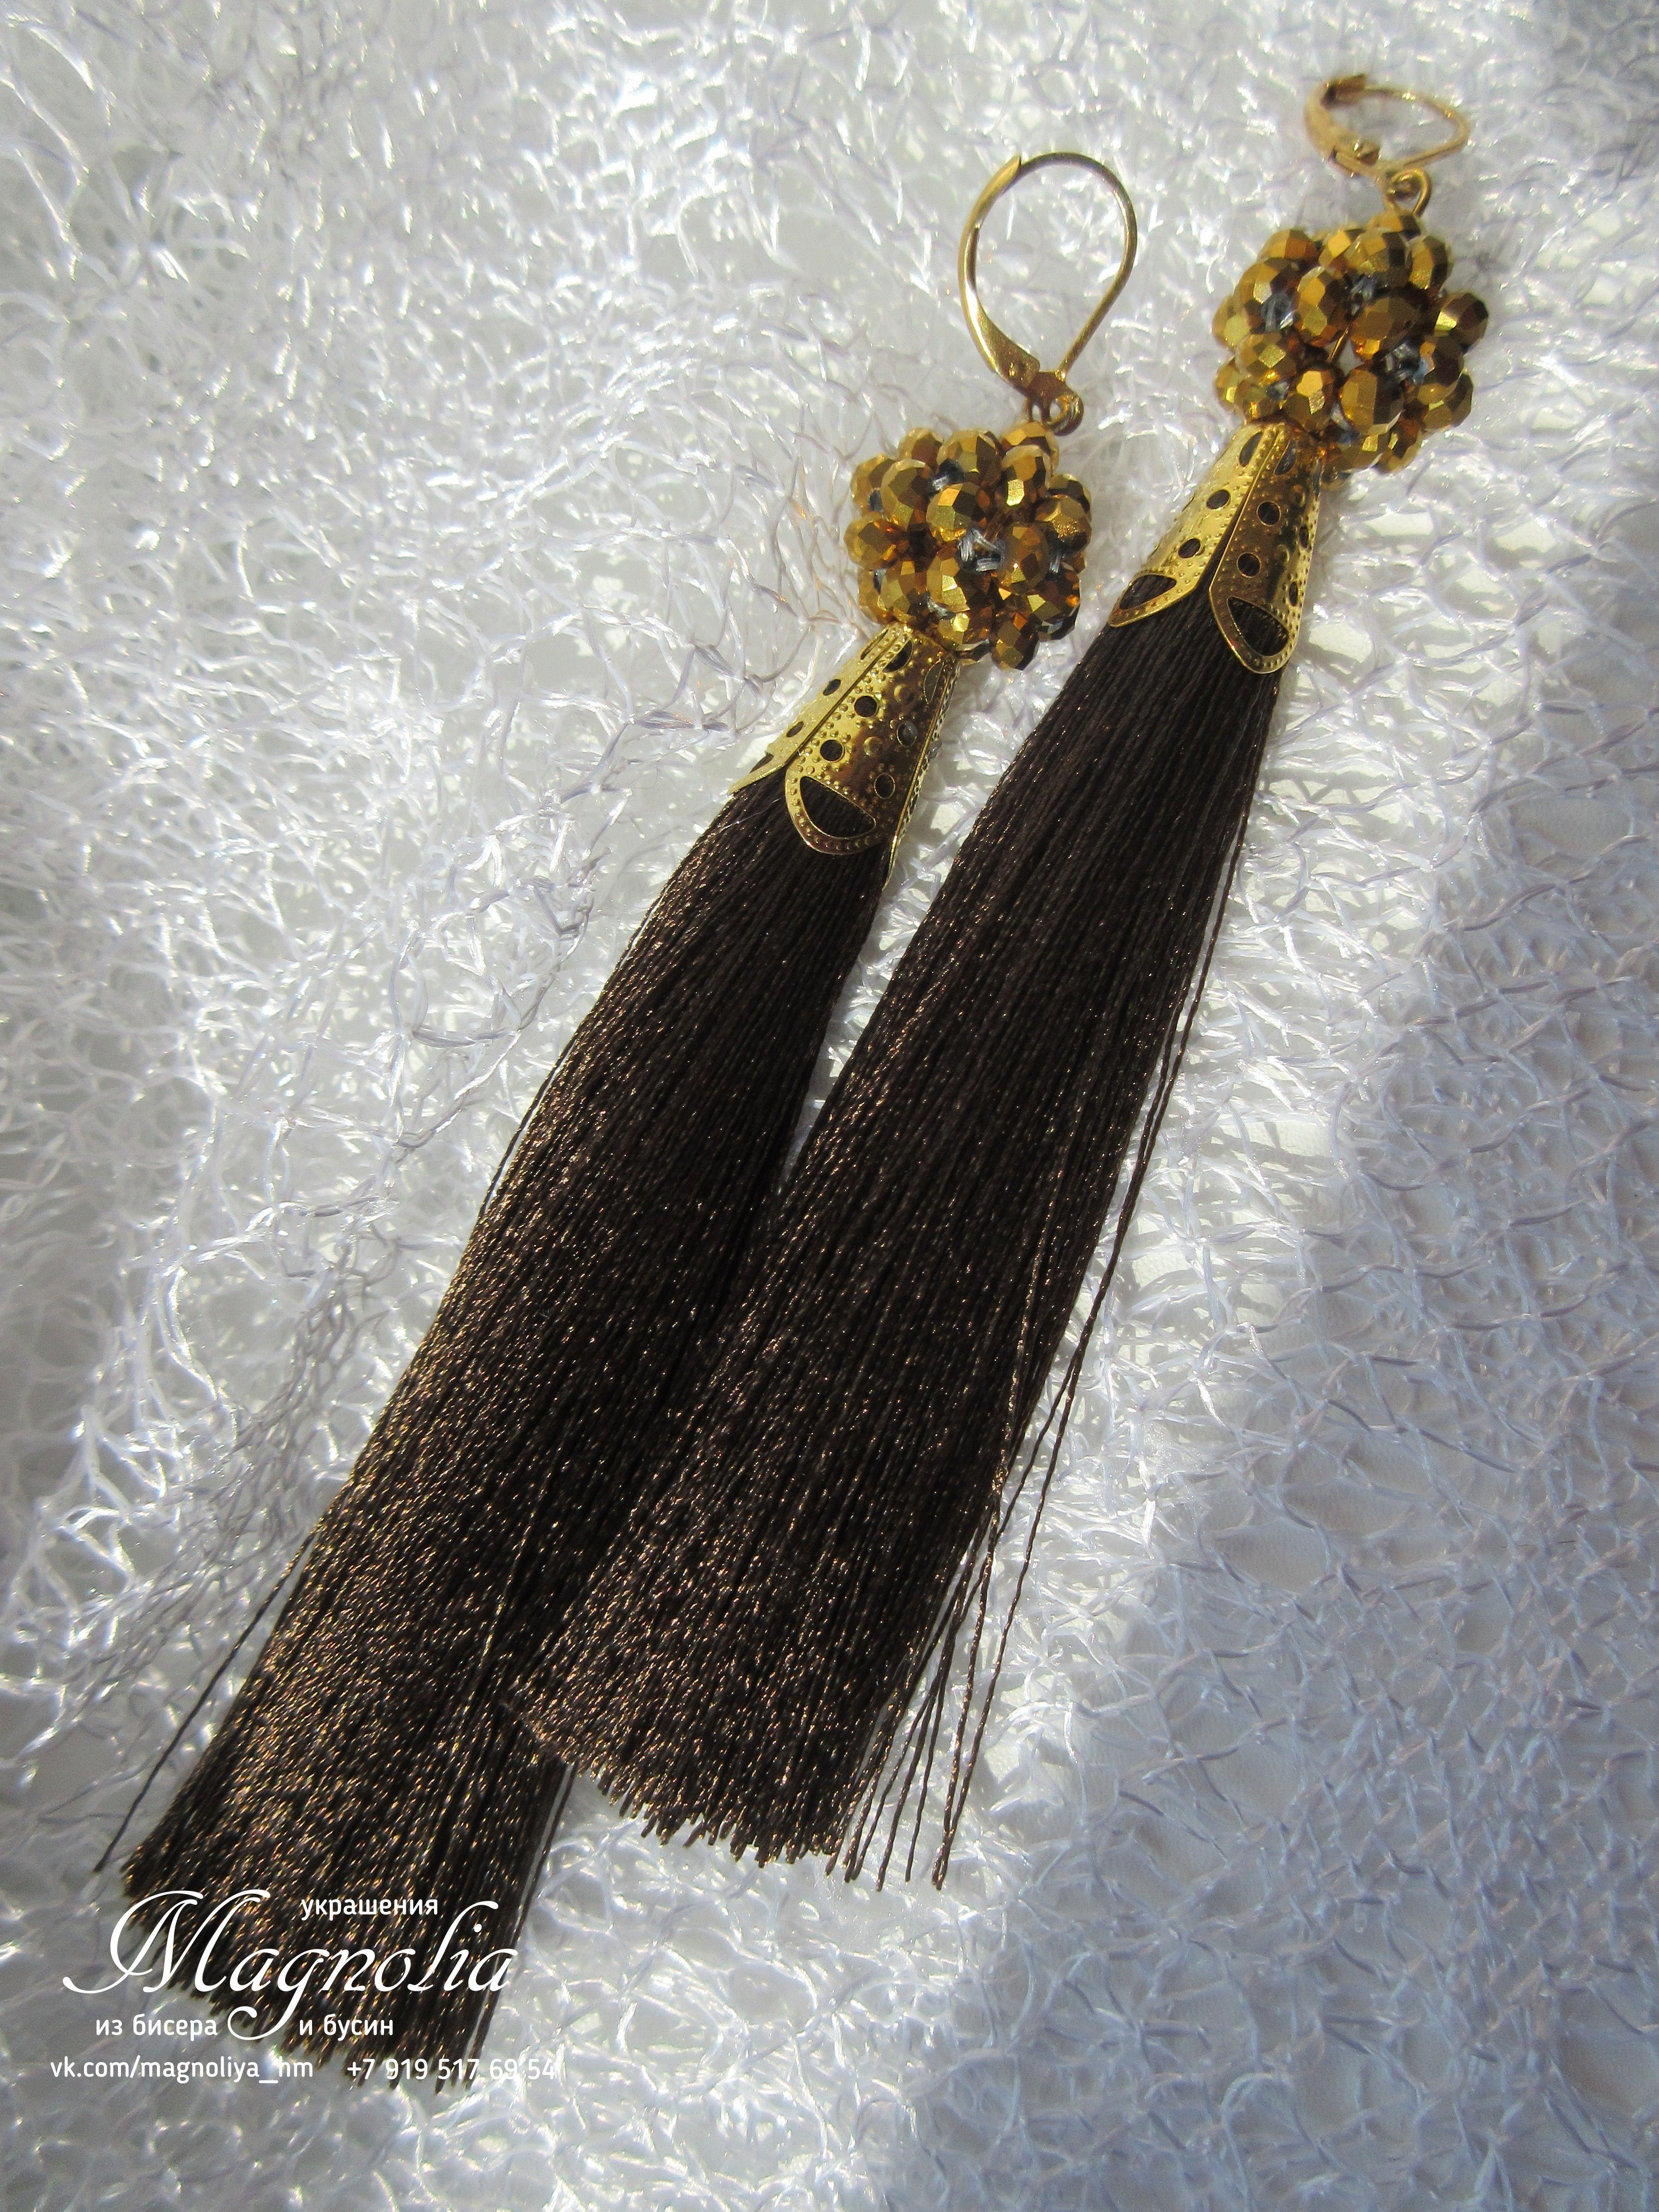 ручнаяработа серьги серьгикисточки magnoliyahm подарки украшенияручнойработы